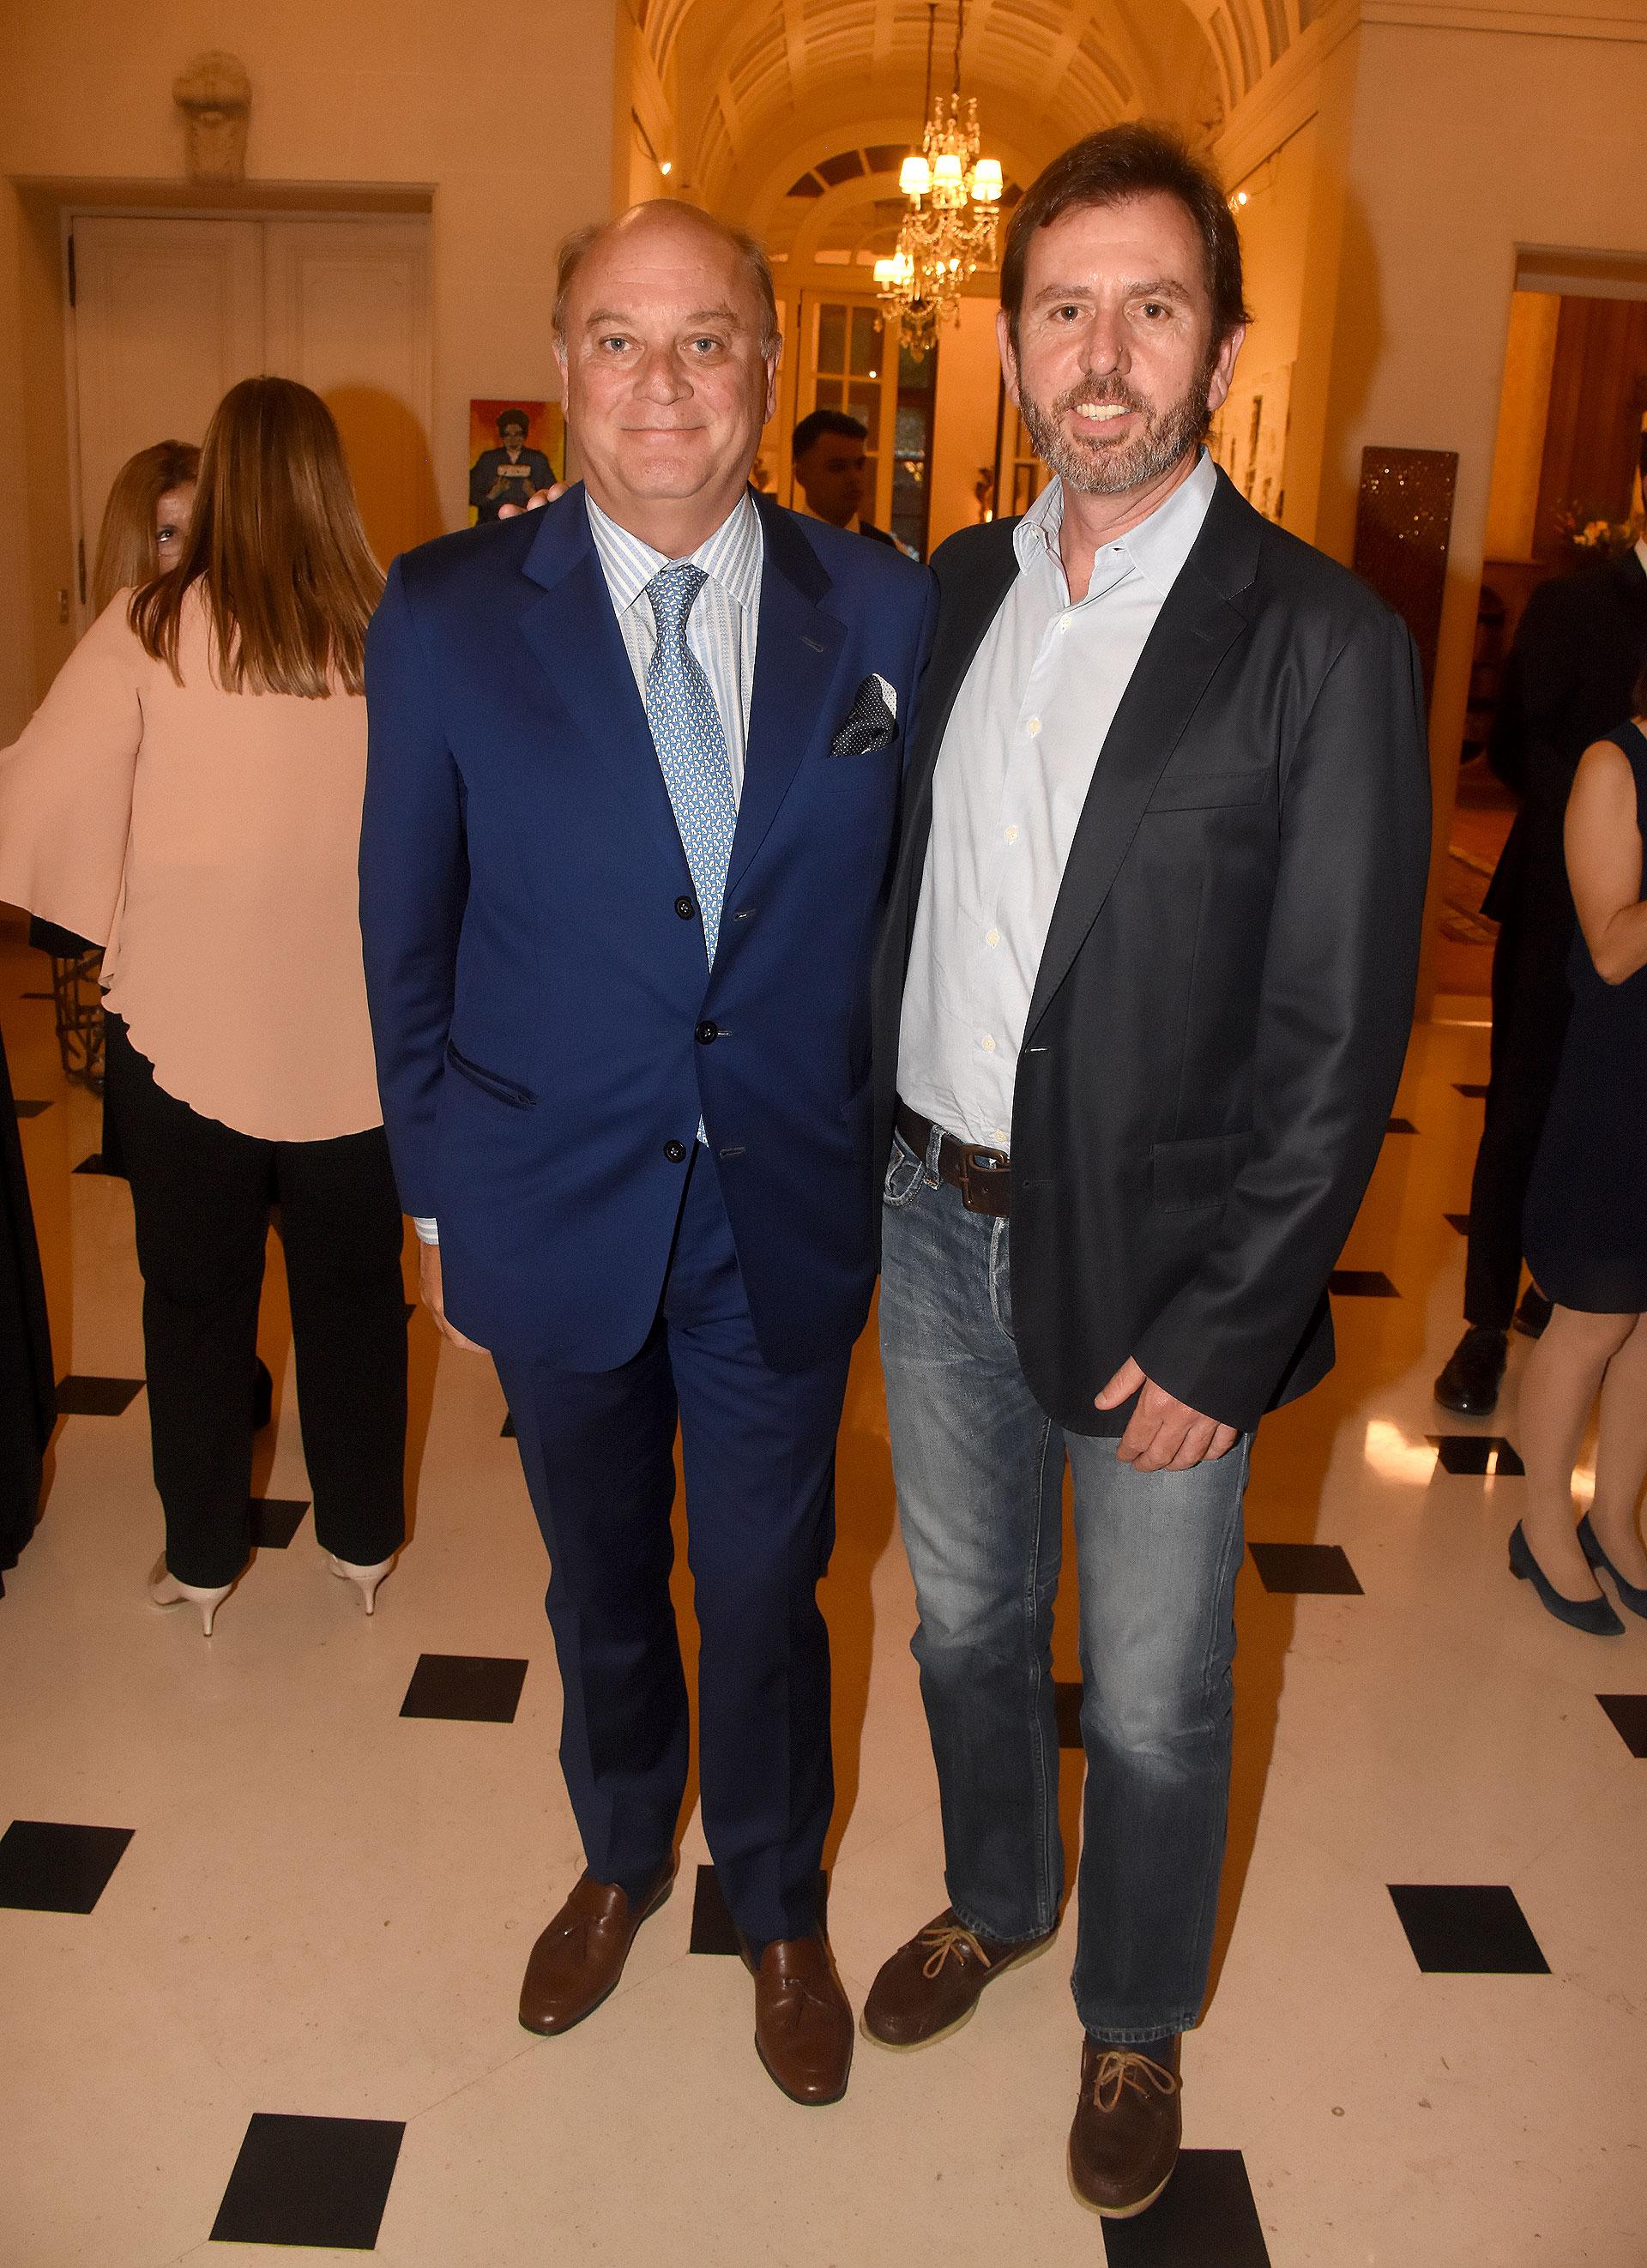 Martín Cabrales y Diego Pando